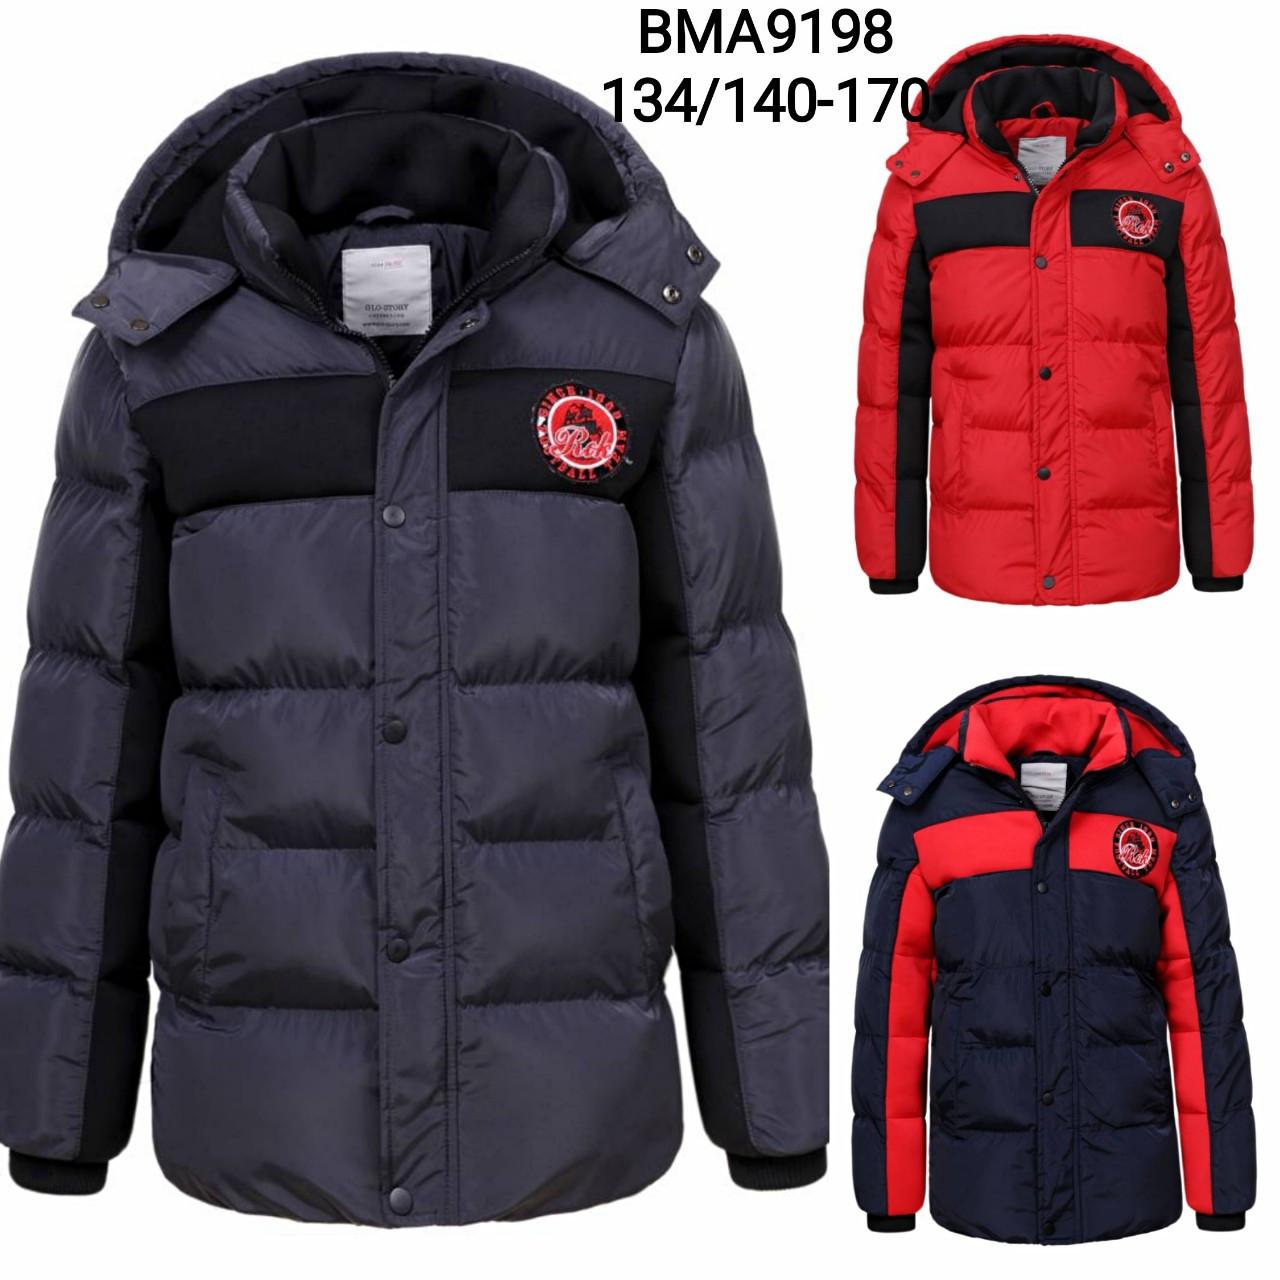 Зимние куртки для мальчиков оптом, размеры 134/140-170 см, Glo-story, BMA-9198